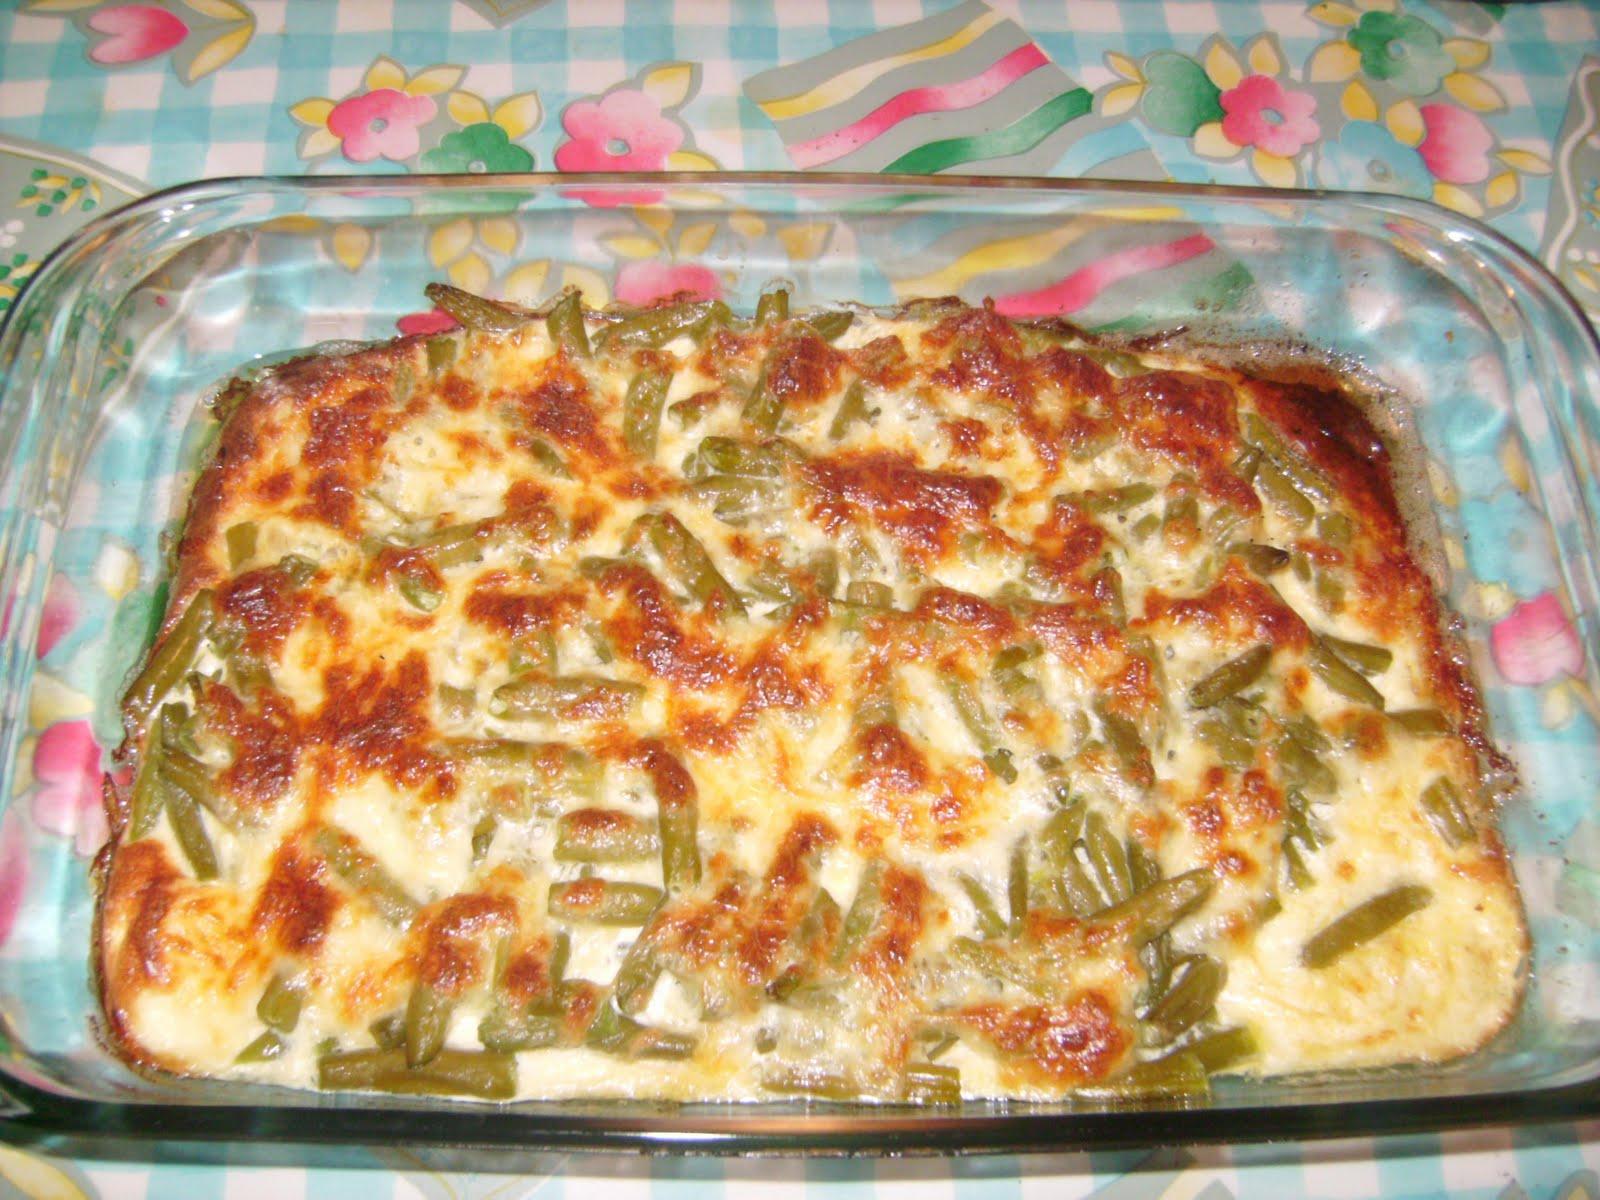 I love recetas jud as verdes gratinadas - Como preparar unas judias verdes ...